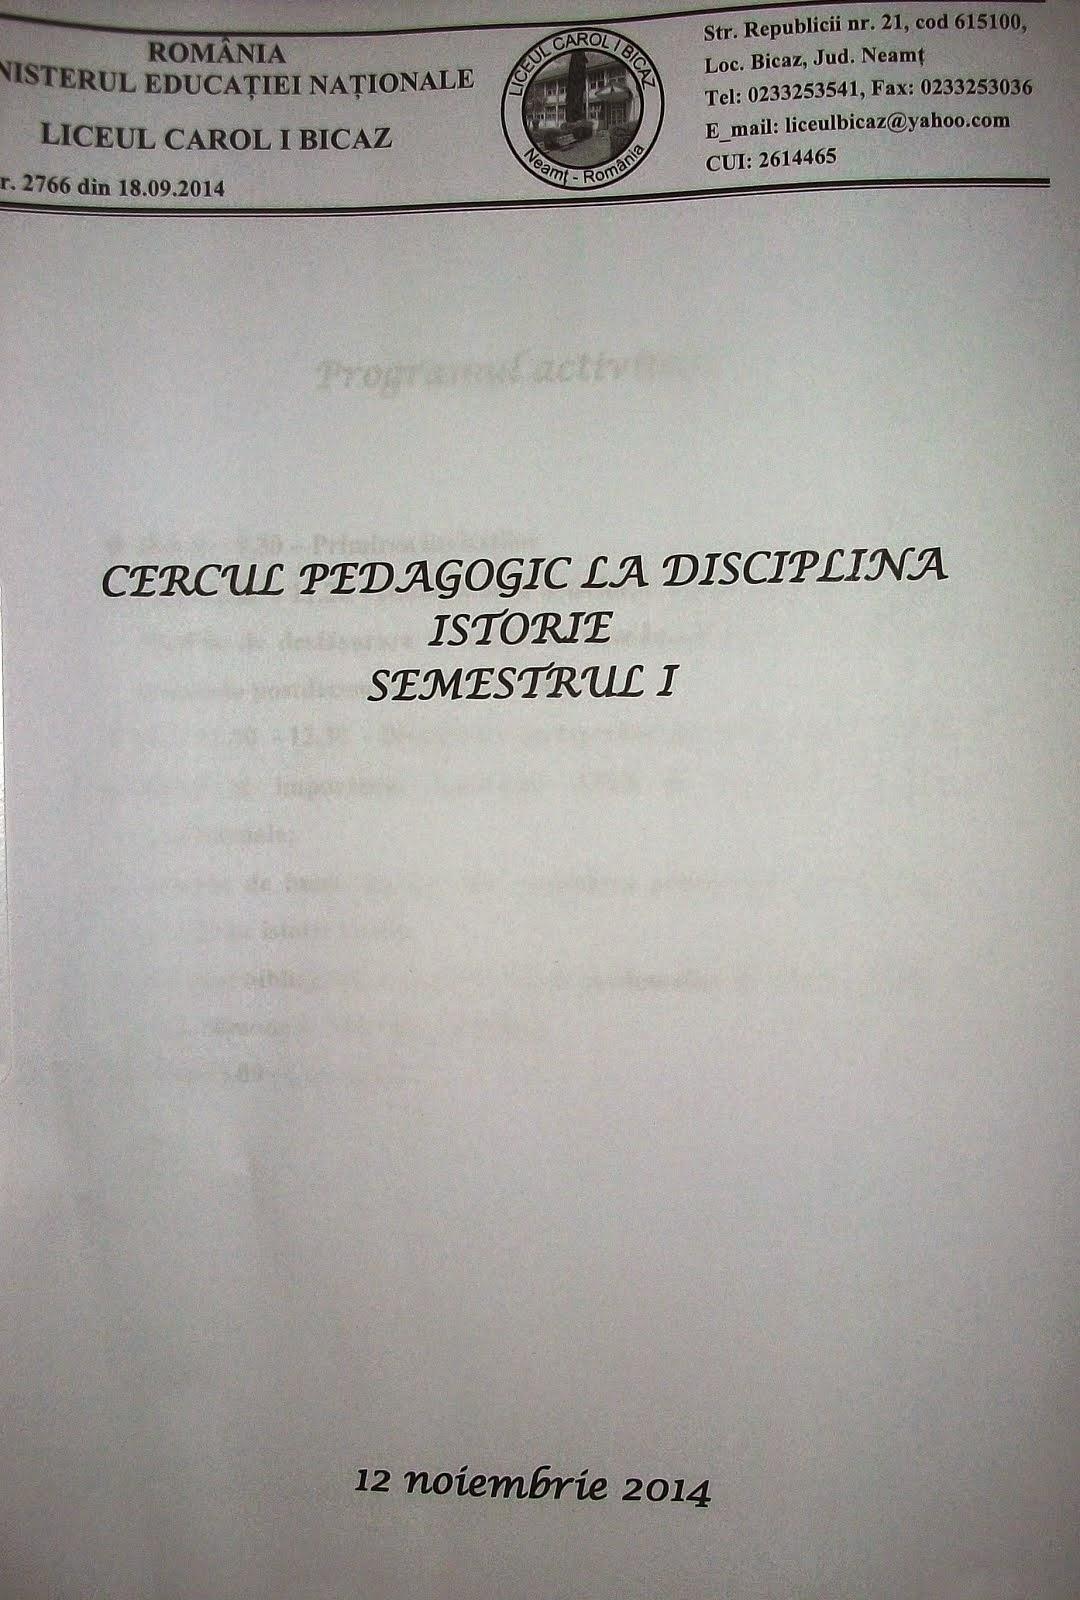 Cercul nr. 1 al profesorilor de Istorie din Neamţ, 12.11.2014